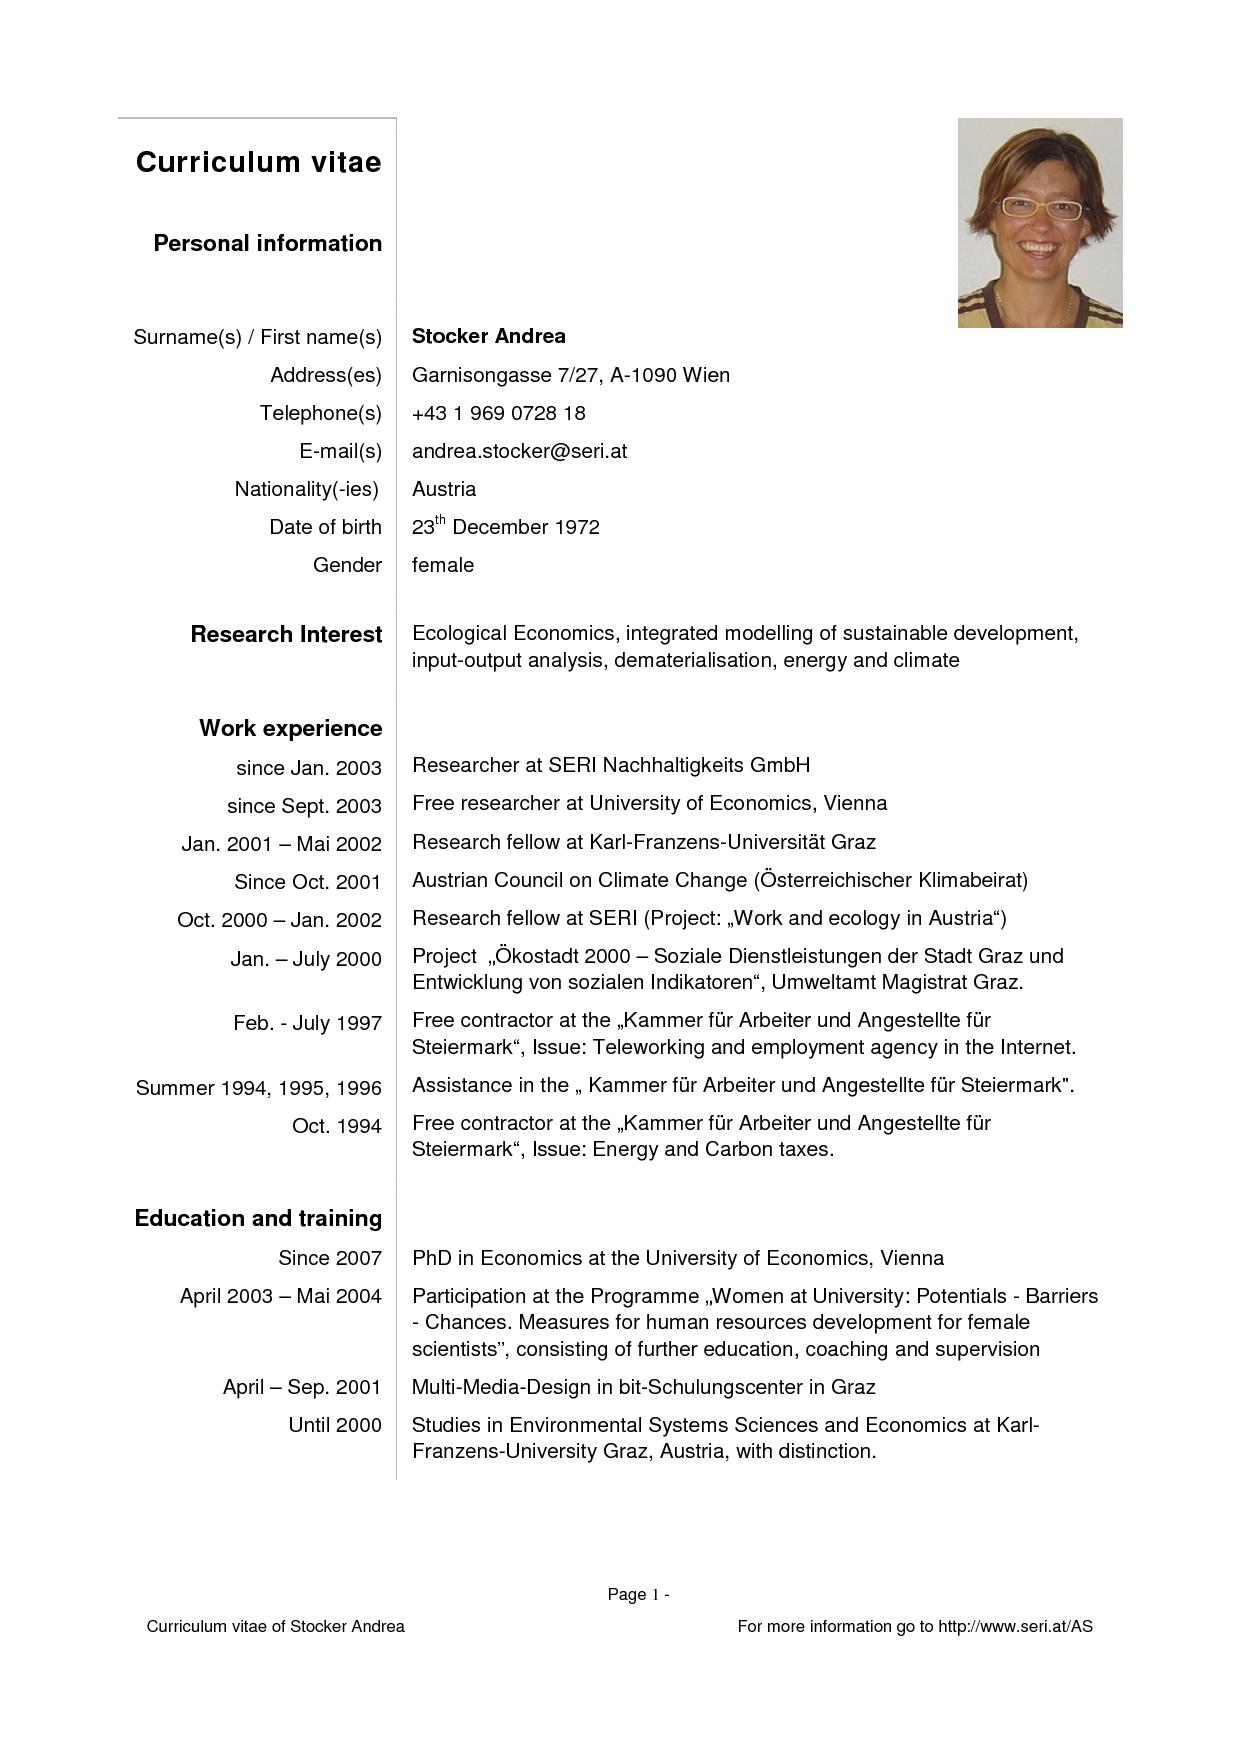 modelo de curriculum vitae pdf